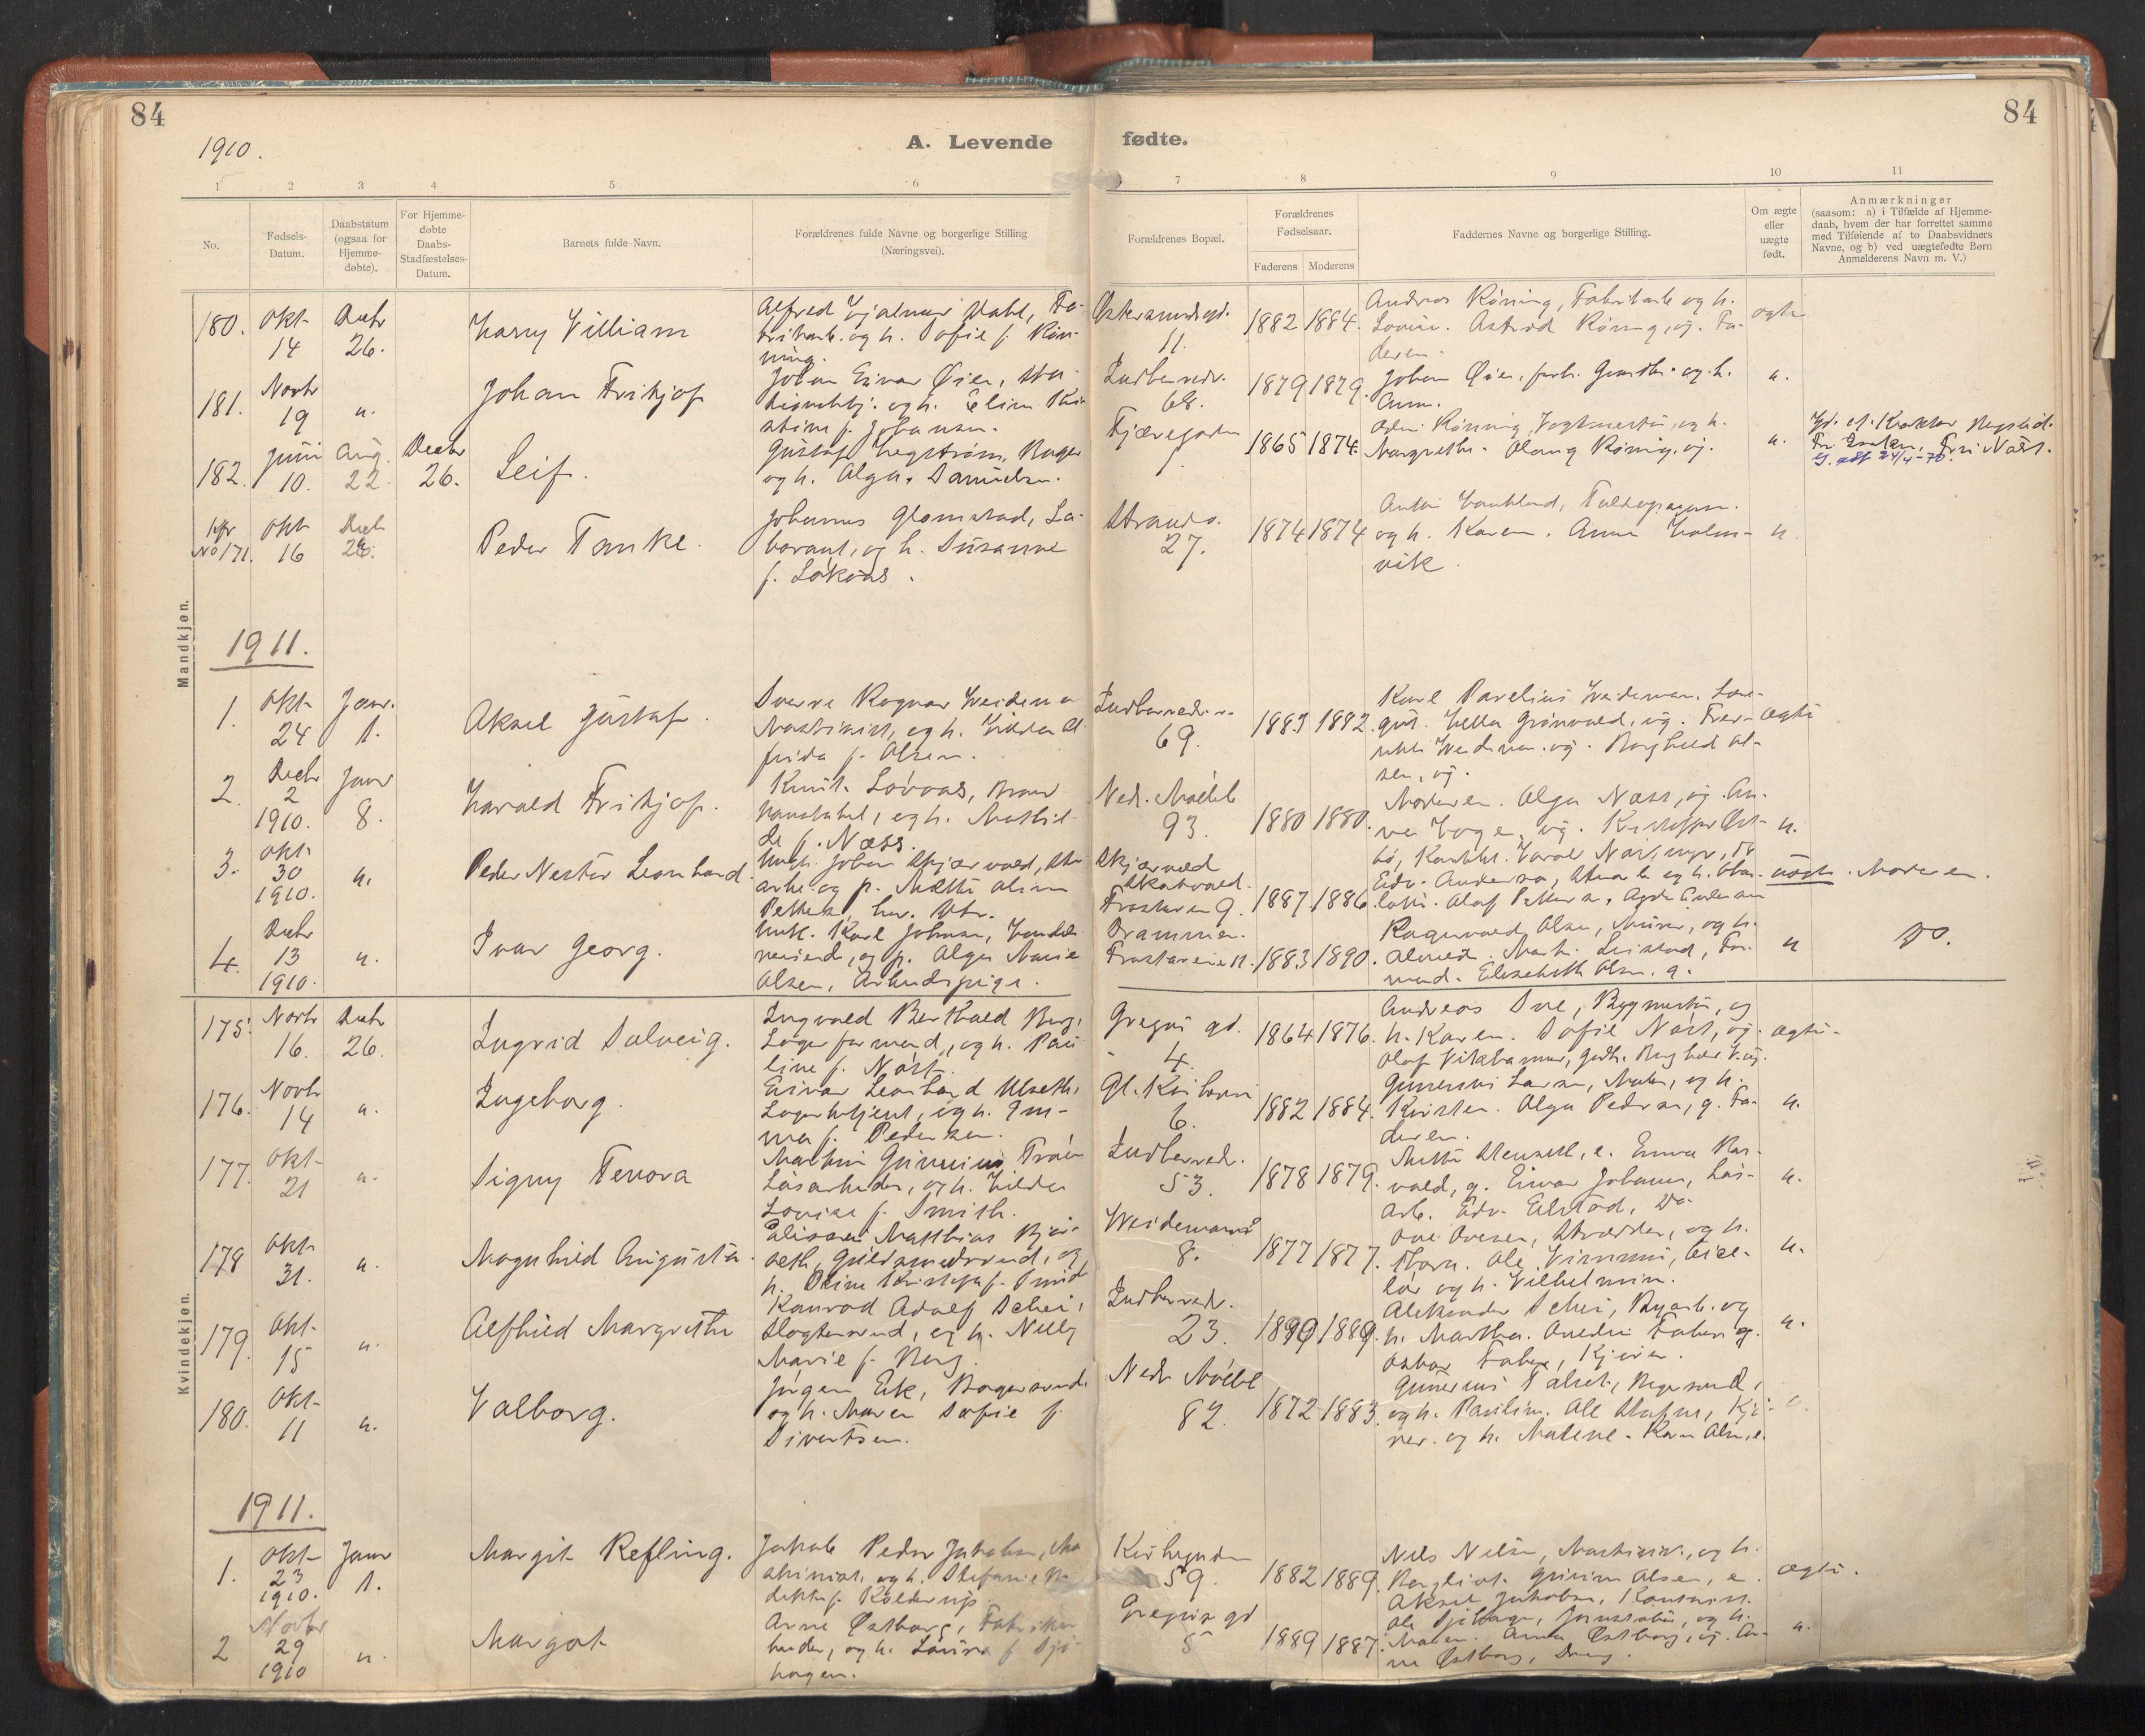 SAT, Ministerialprotokoller, klokkerbøker og fødselsregistre - Sør-Trøndelag, 605/L0243: Ministerialbok nr. 605A05, 1908-1923, s. 84